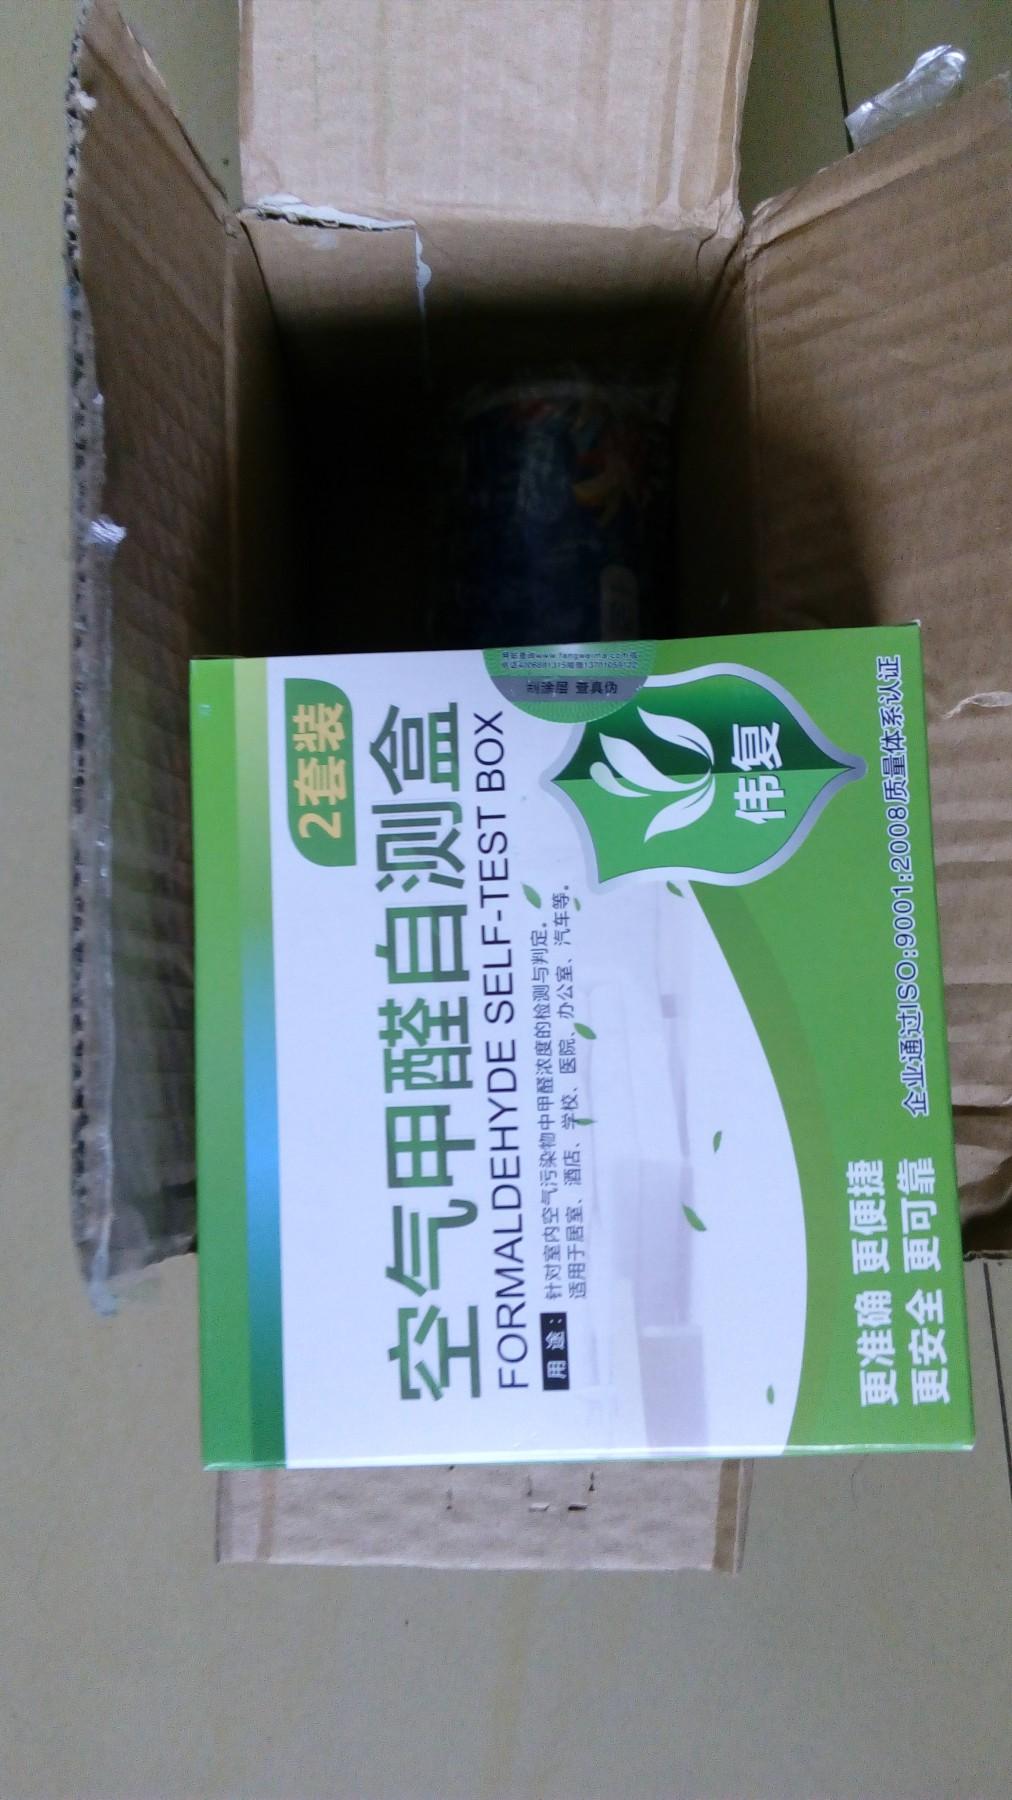 豹米光触媒除甲醛喷雾产品介绍和使用体验